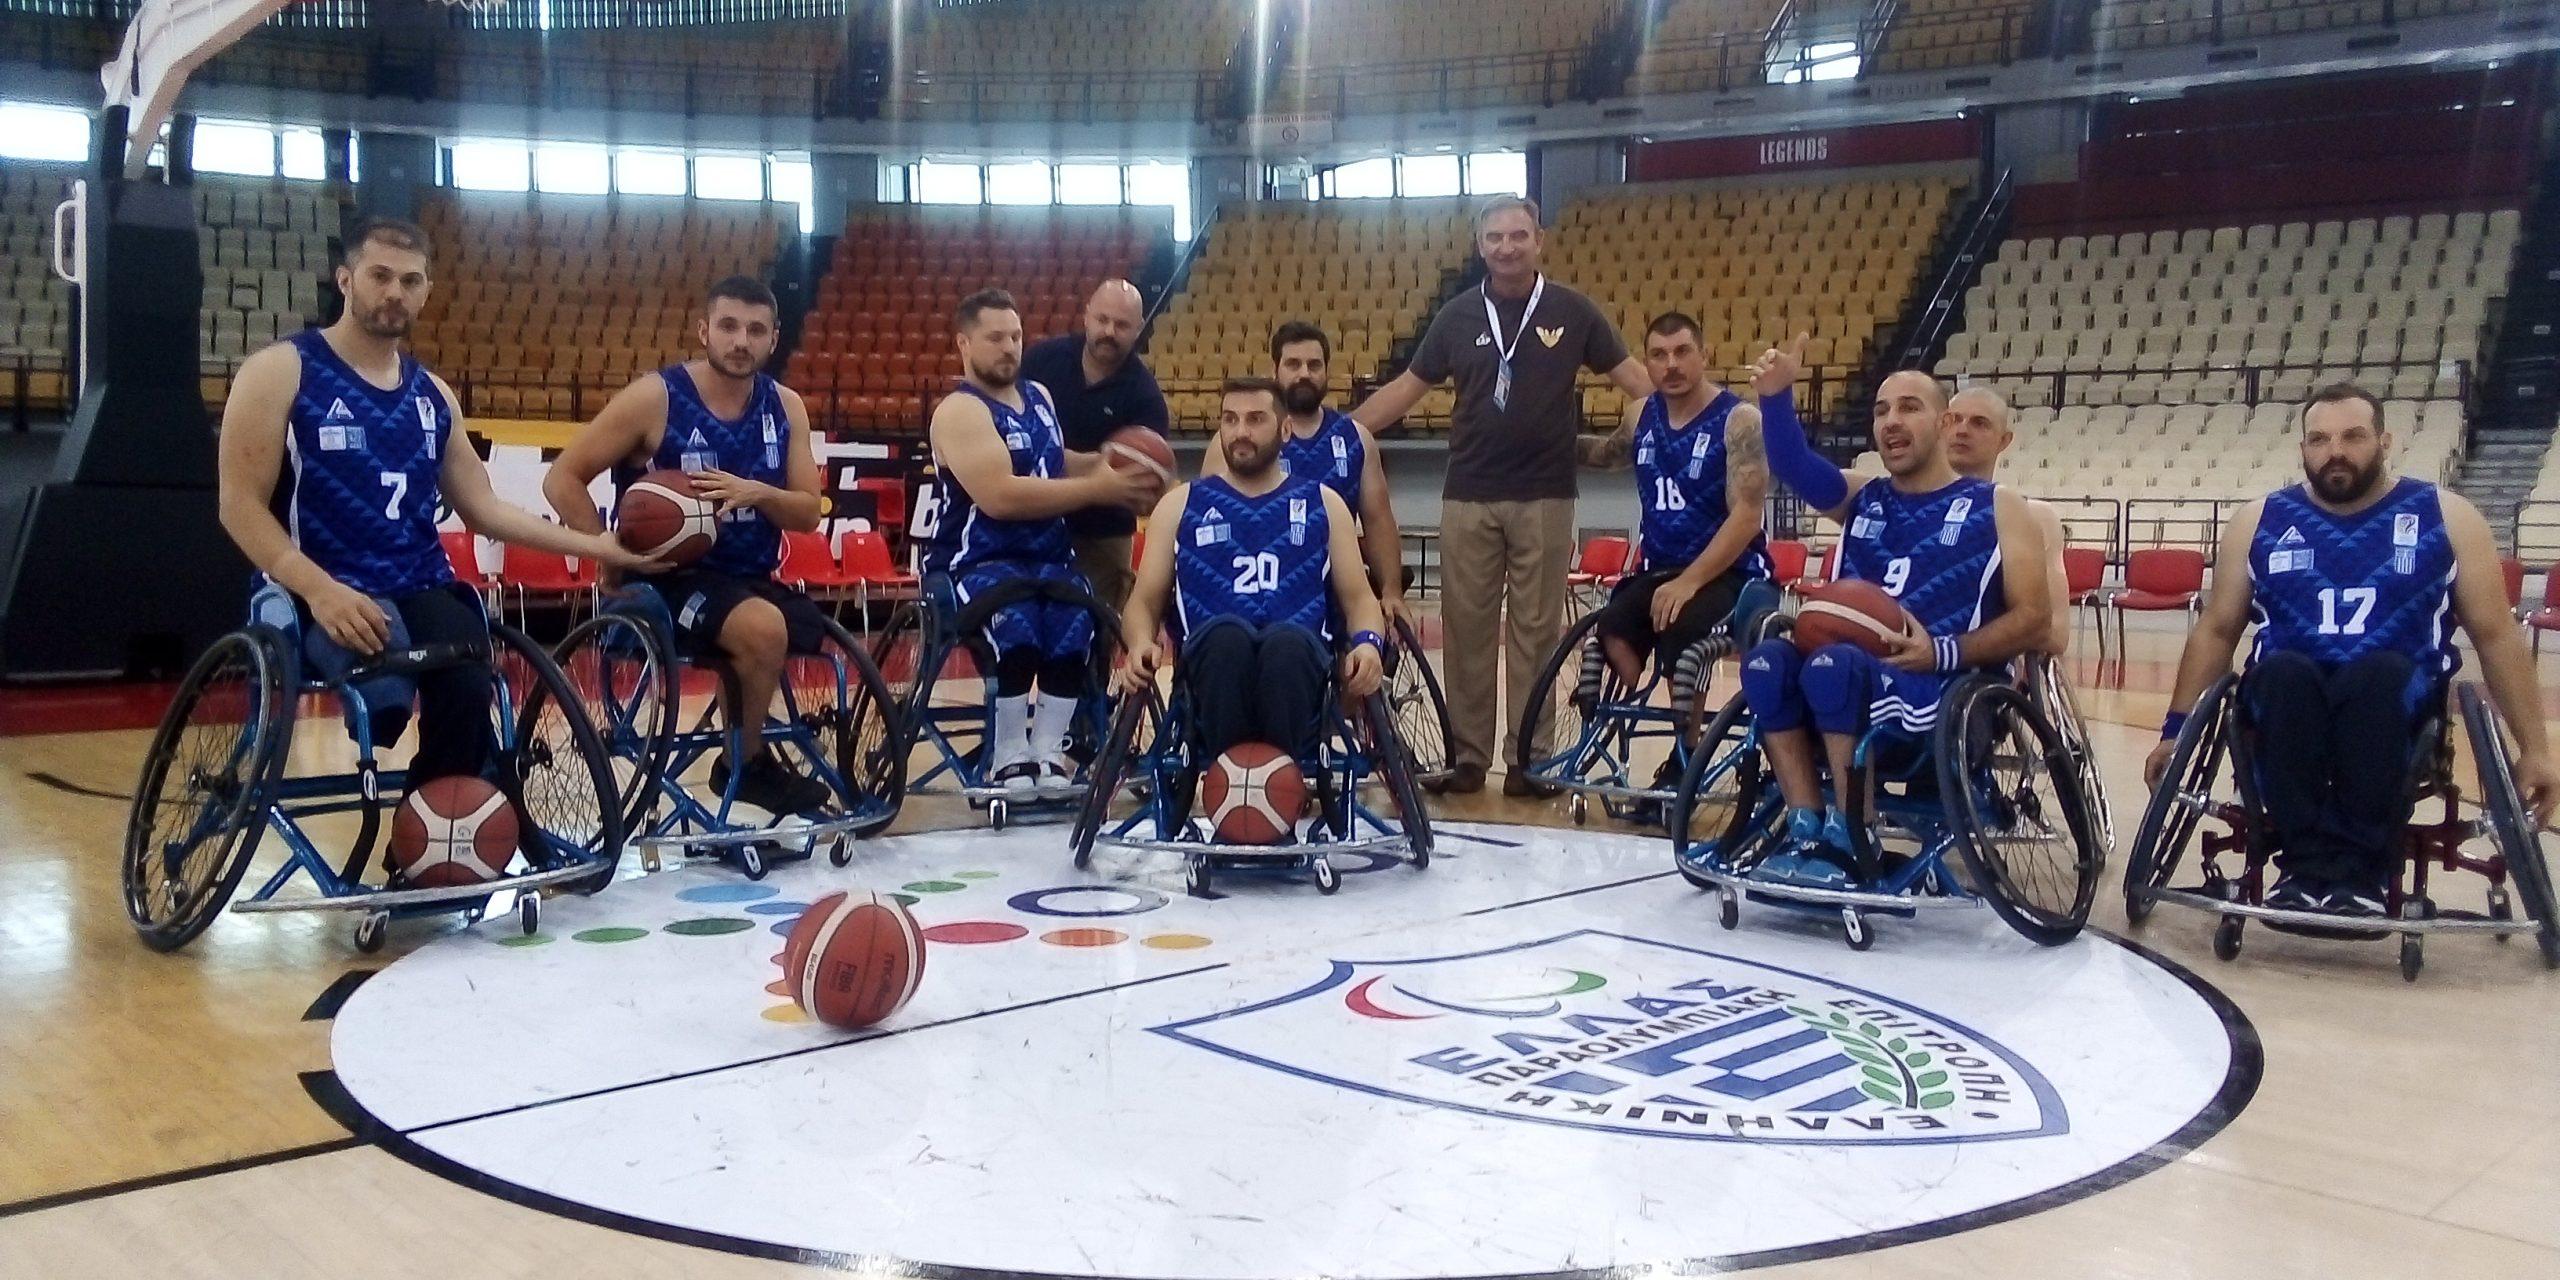 Η πορεία της Εθνικής ομάδας μπάσκετ με Αμαξίδιο